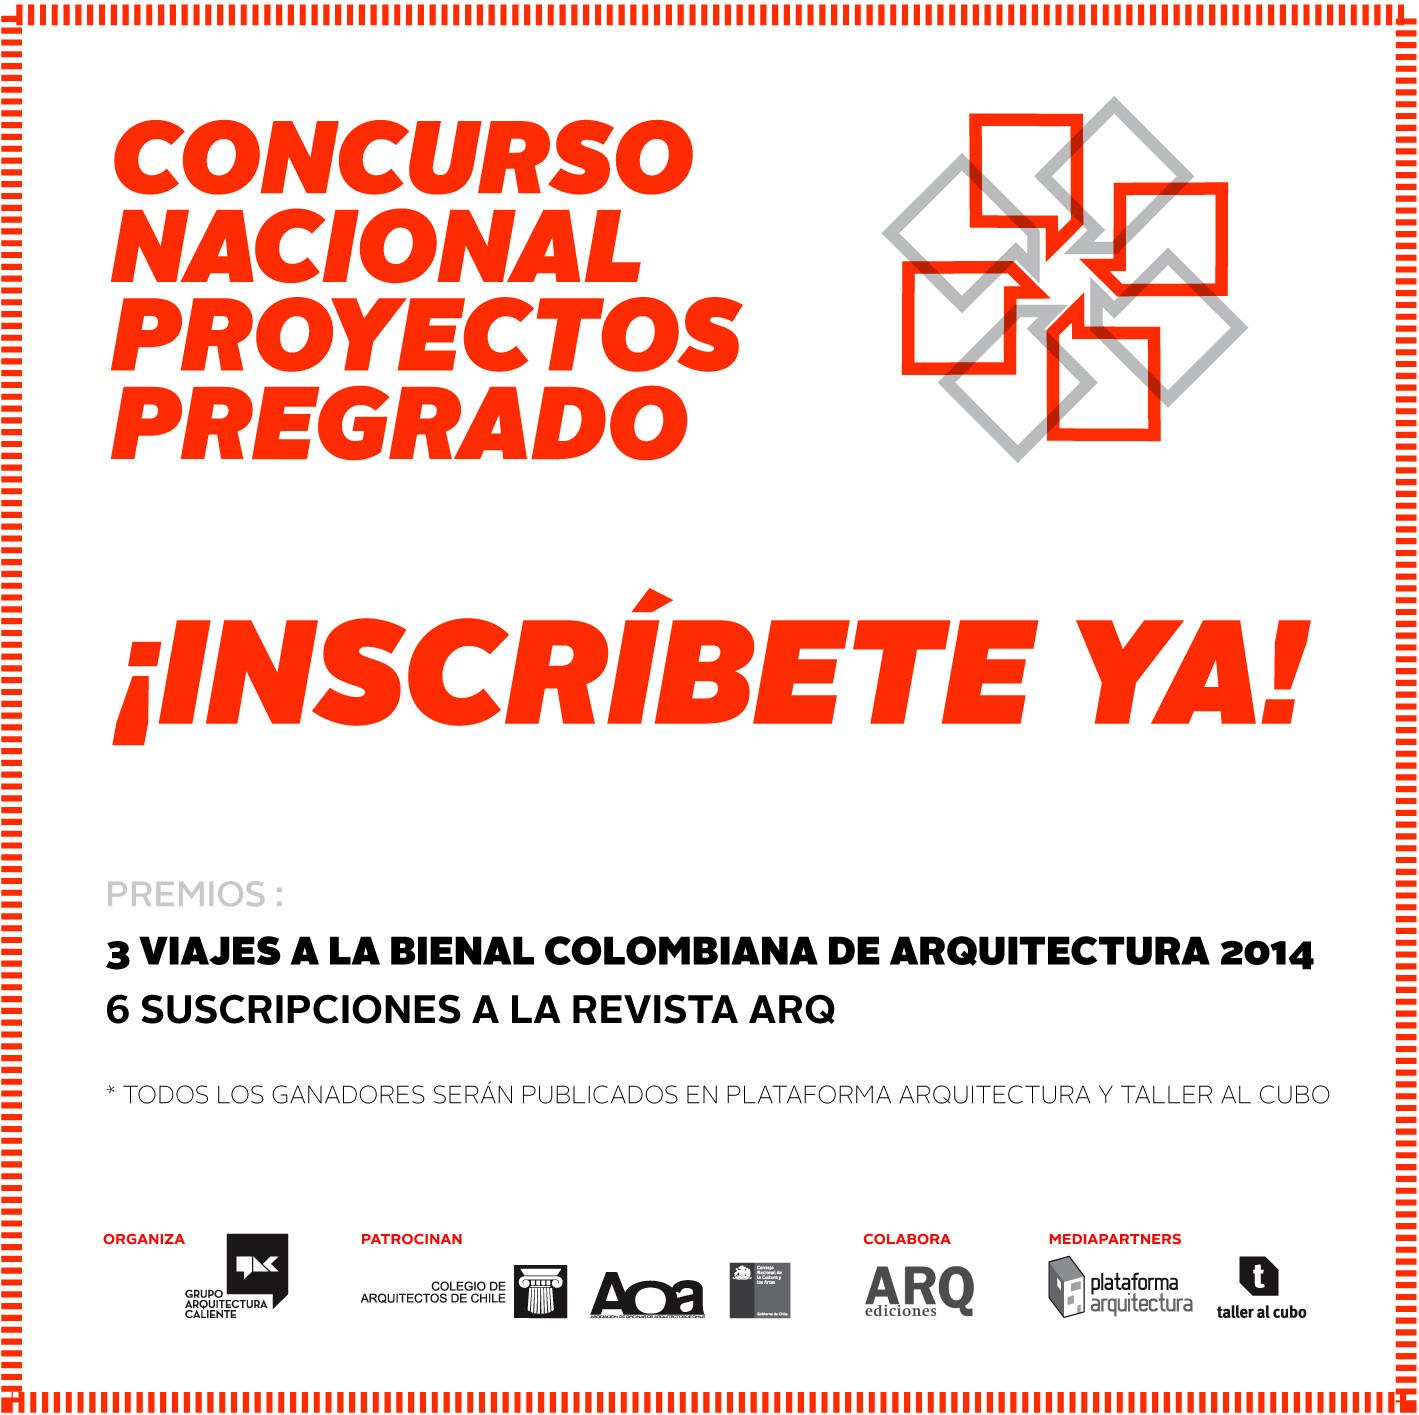 Inscripciones abiertas para el Concurso Nacional de Proyectos de Pregrado / Chile, Courtesy of Grupo Arquitectura Caliente